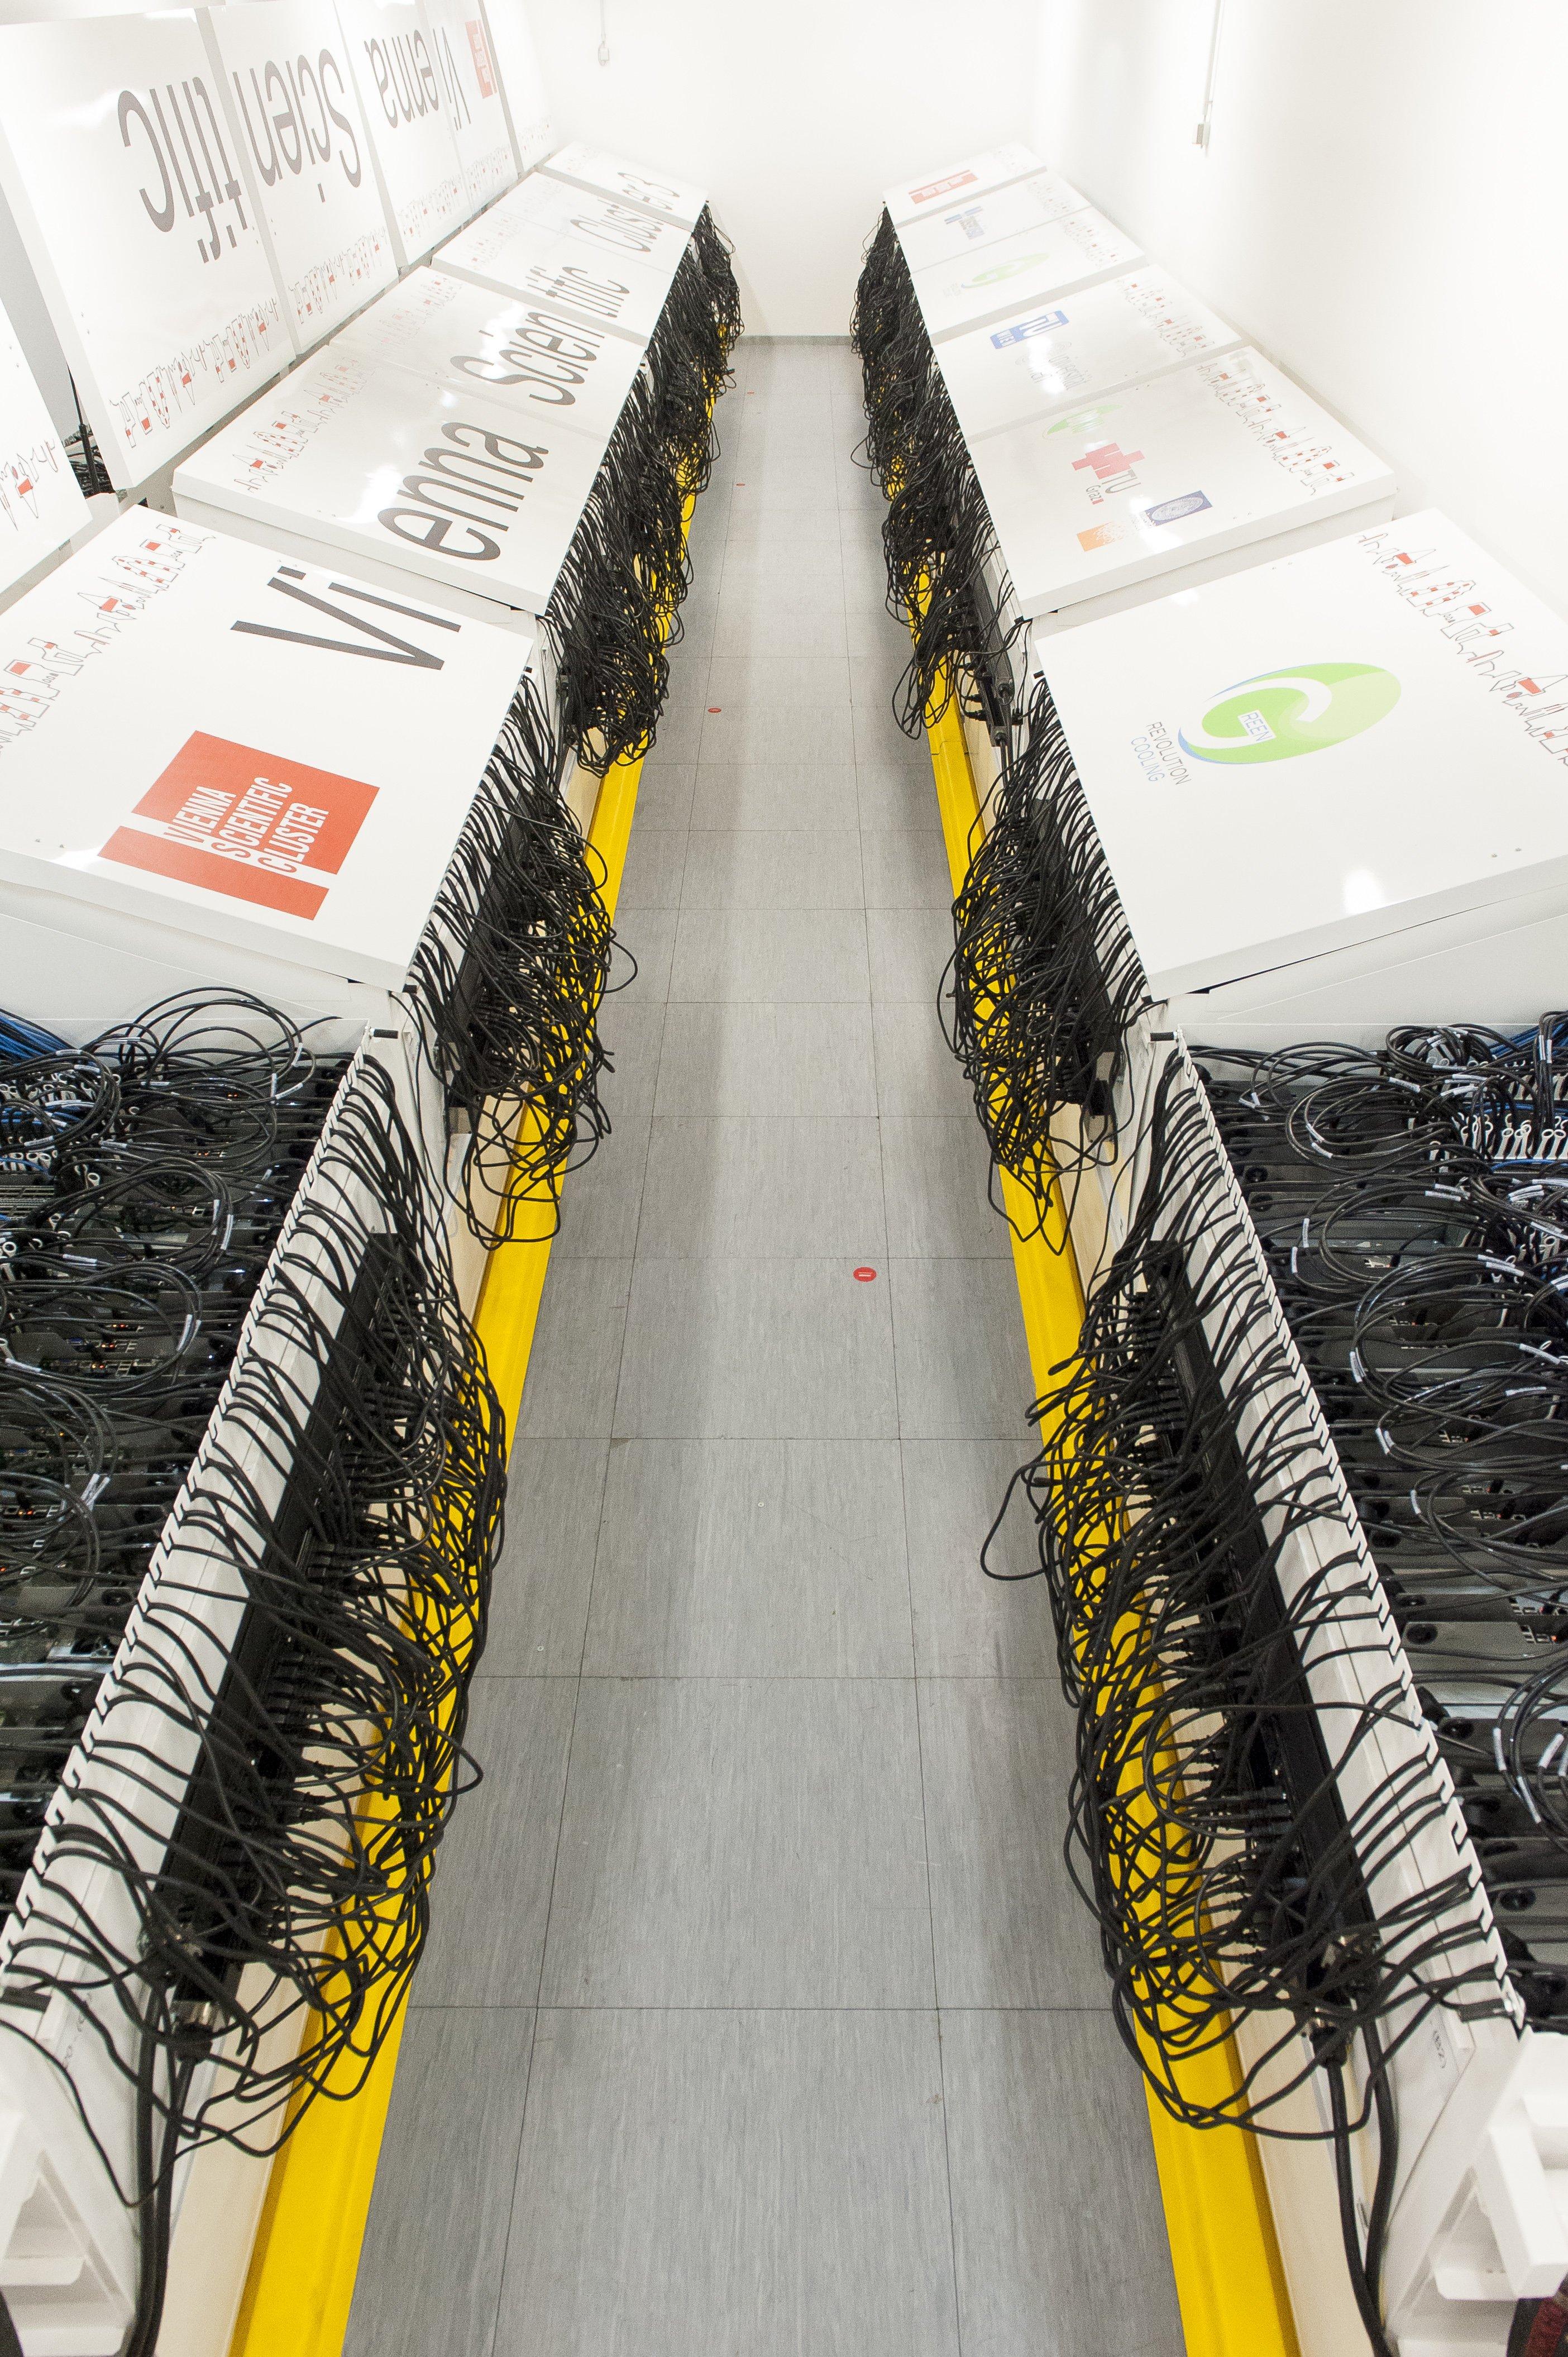 Ein Blick in den Rechnerraum des Vienna Scientific Clusters 3, dem schnellsten Supercomputer Österreichs: Er erreicht eineRechenleistung von über 600 Teraflops.